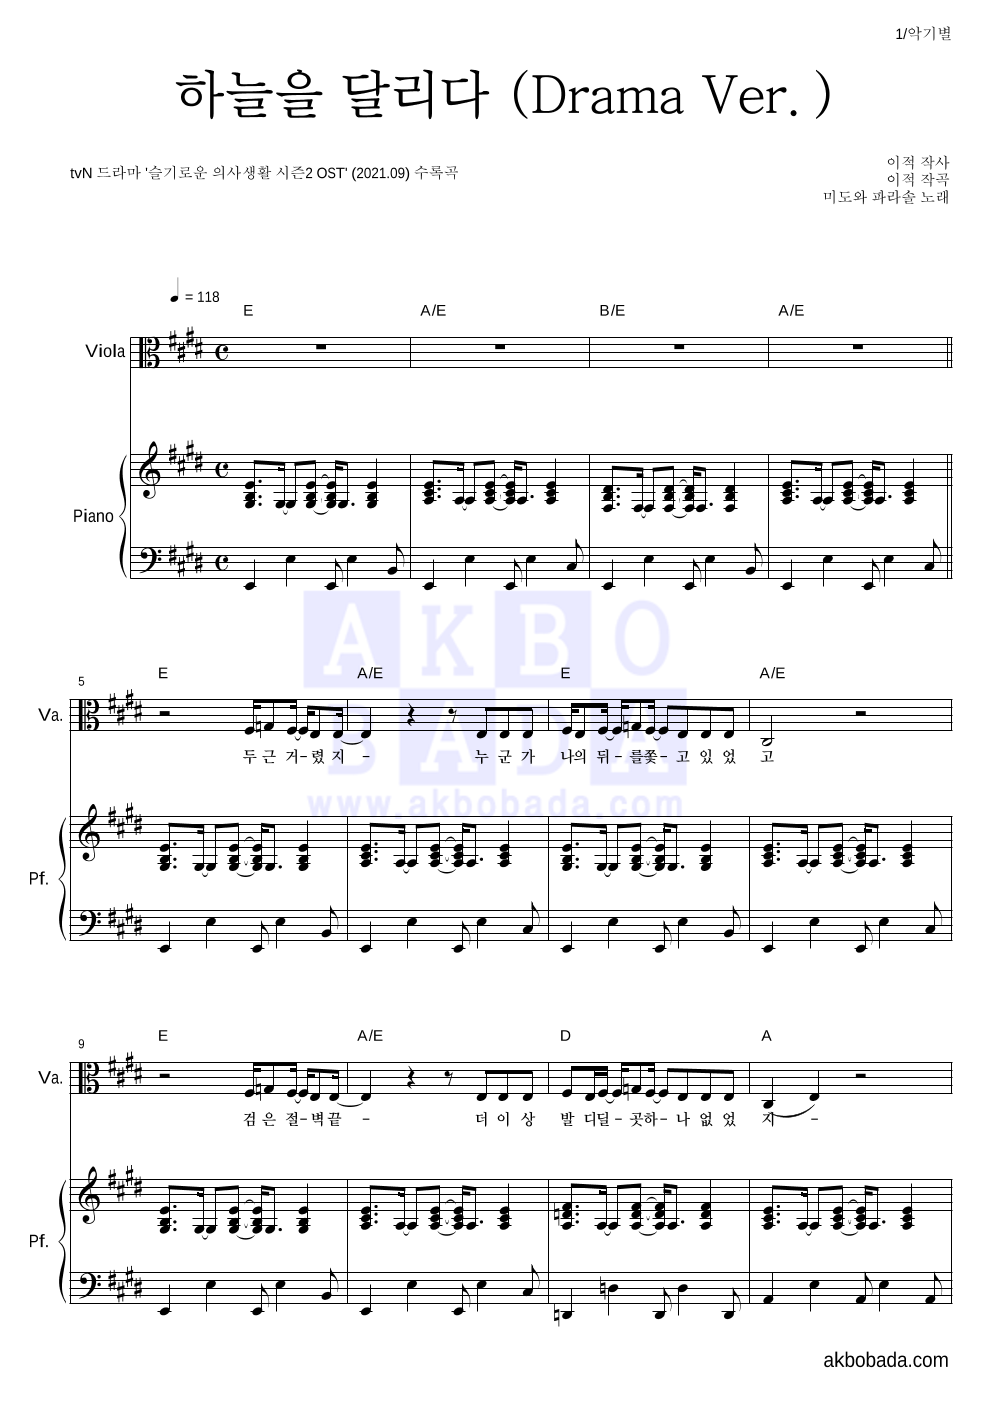 미도와 파라솔 - 하늘을 달리다 (Drama Ver.) 비올라&피아노 악보